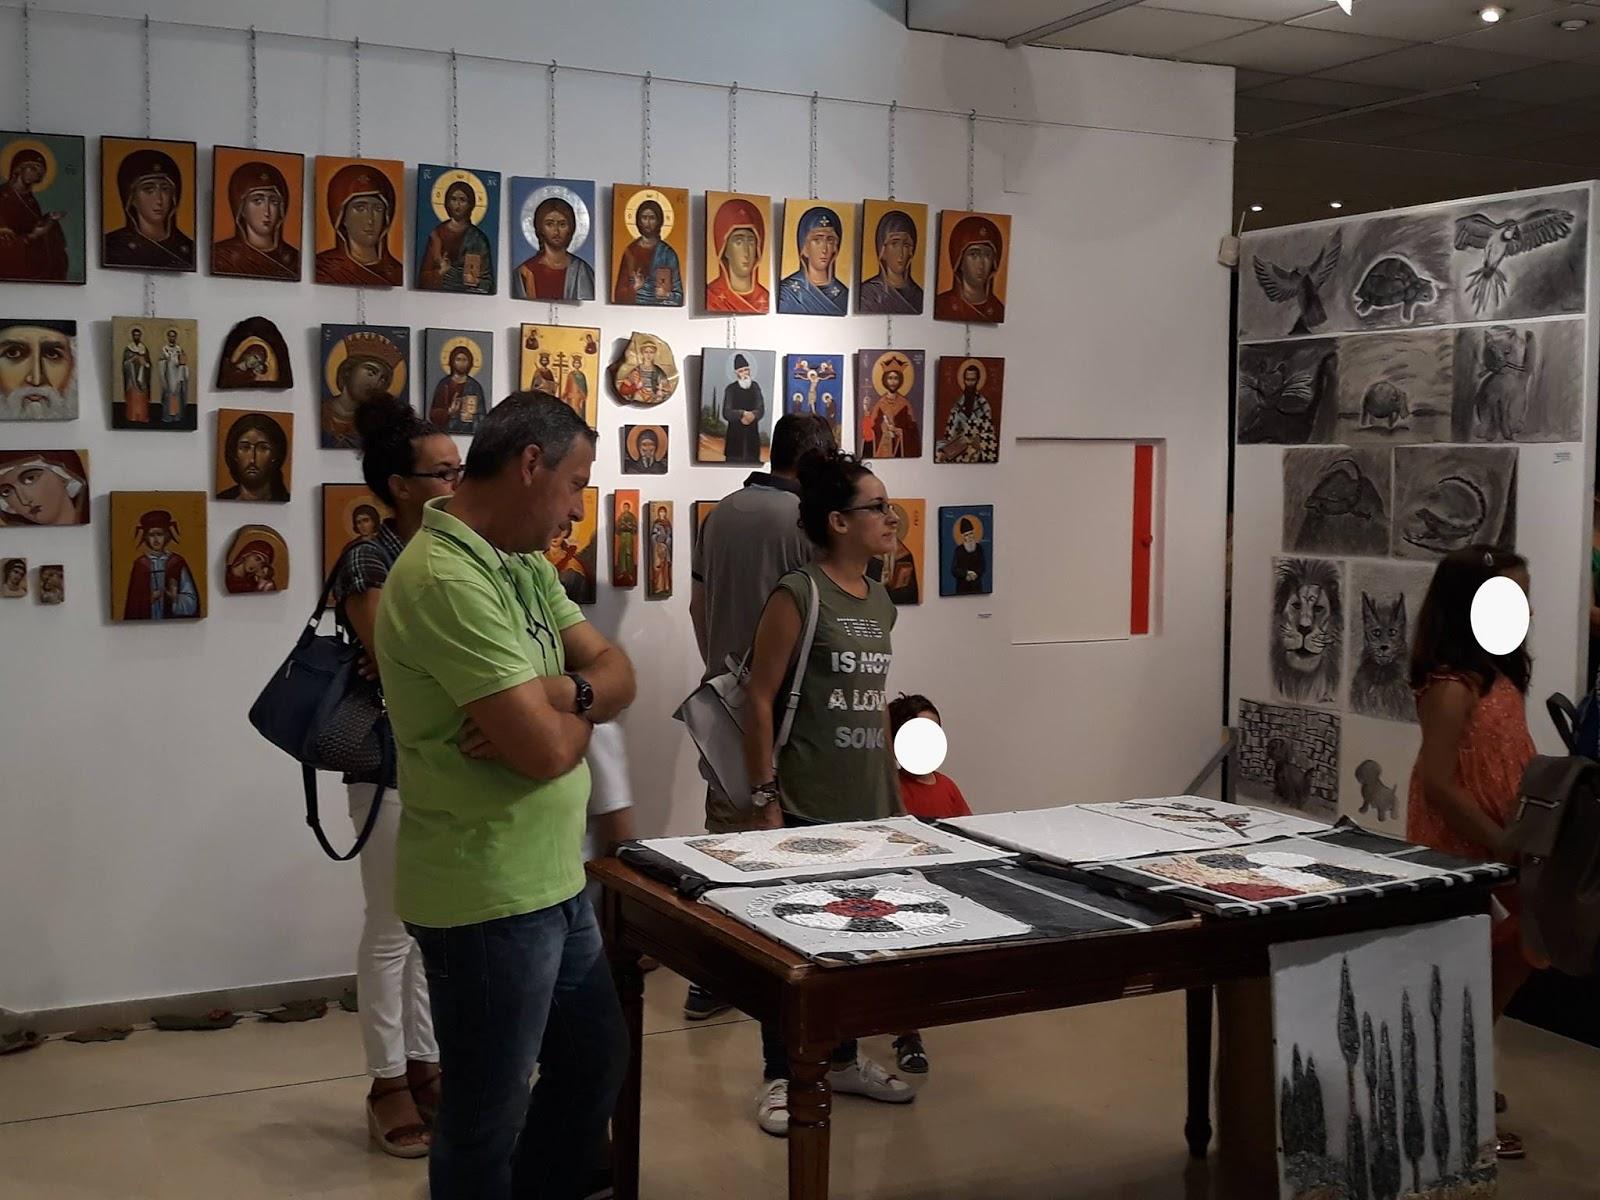 Ιωάννινα:Εγκαίνια της ετήσιας έκθεσης Εικαστικού Εργαστηρίου